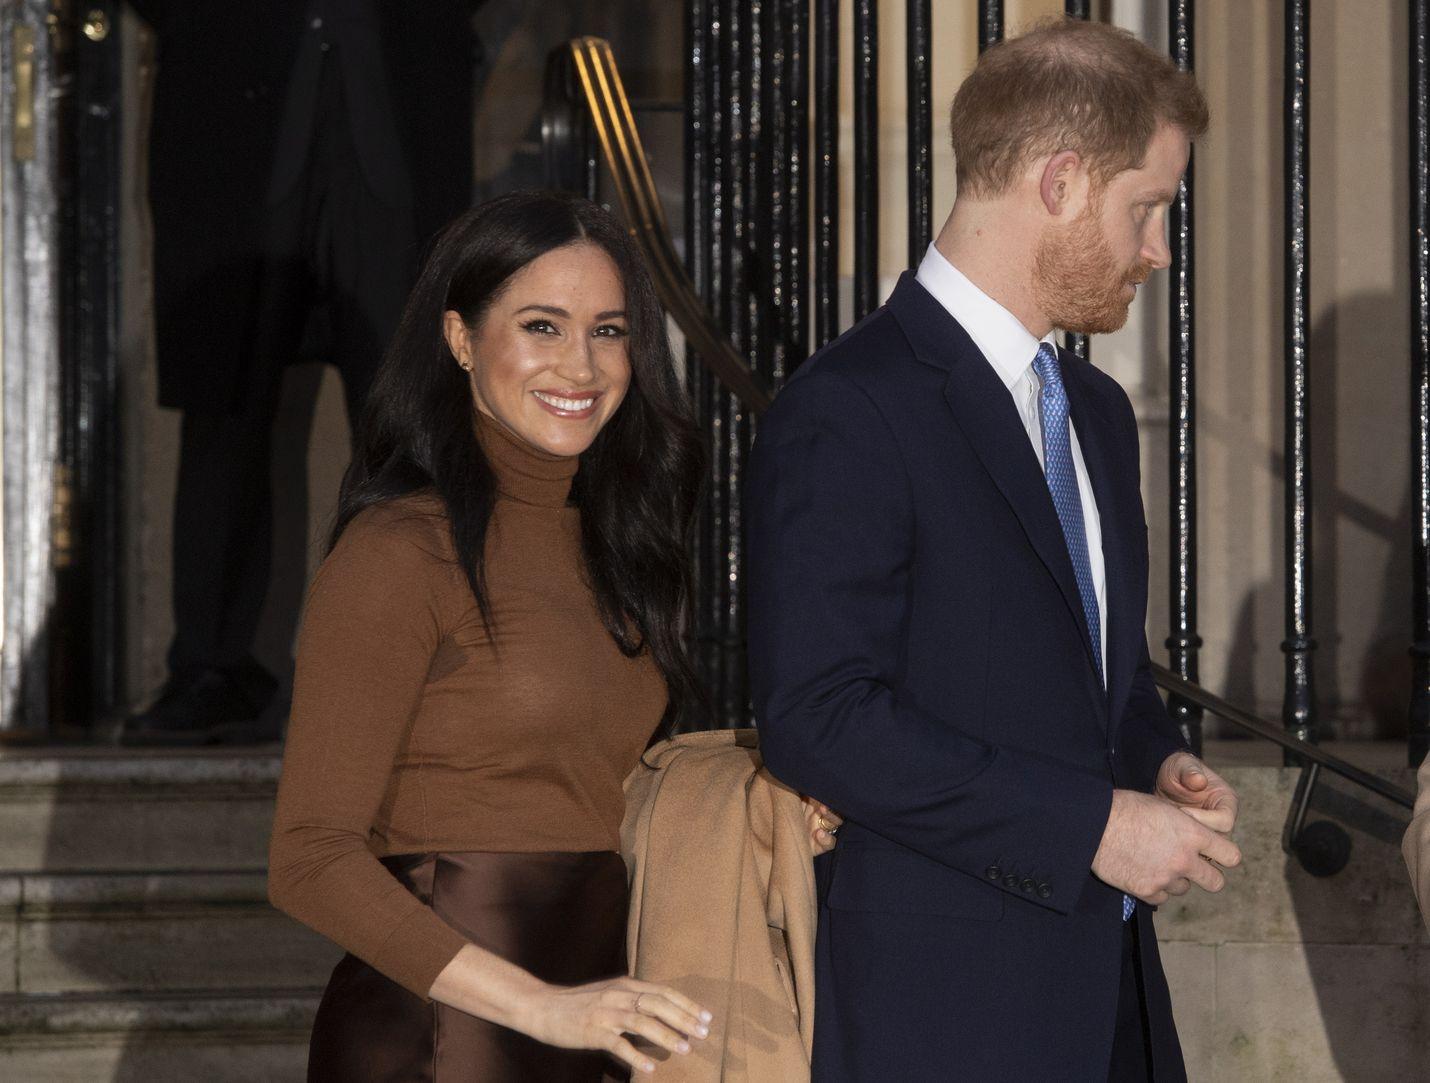 Sussexin herttuatar Meghan ja prinssi Harry haluavat olla jatkossa taloudellisesti riippumattomia kuningashuoneesta.